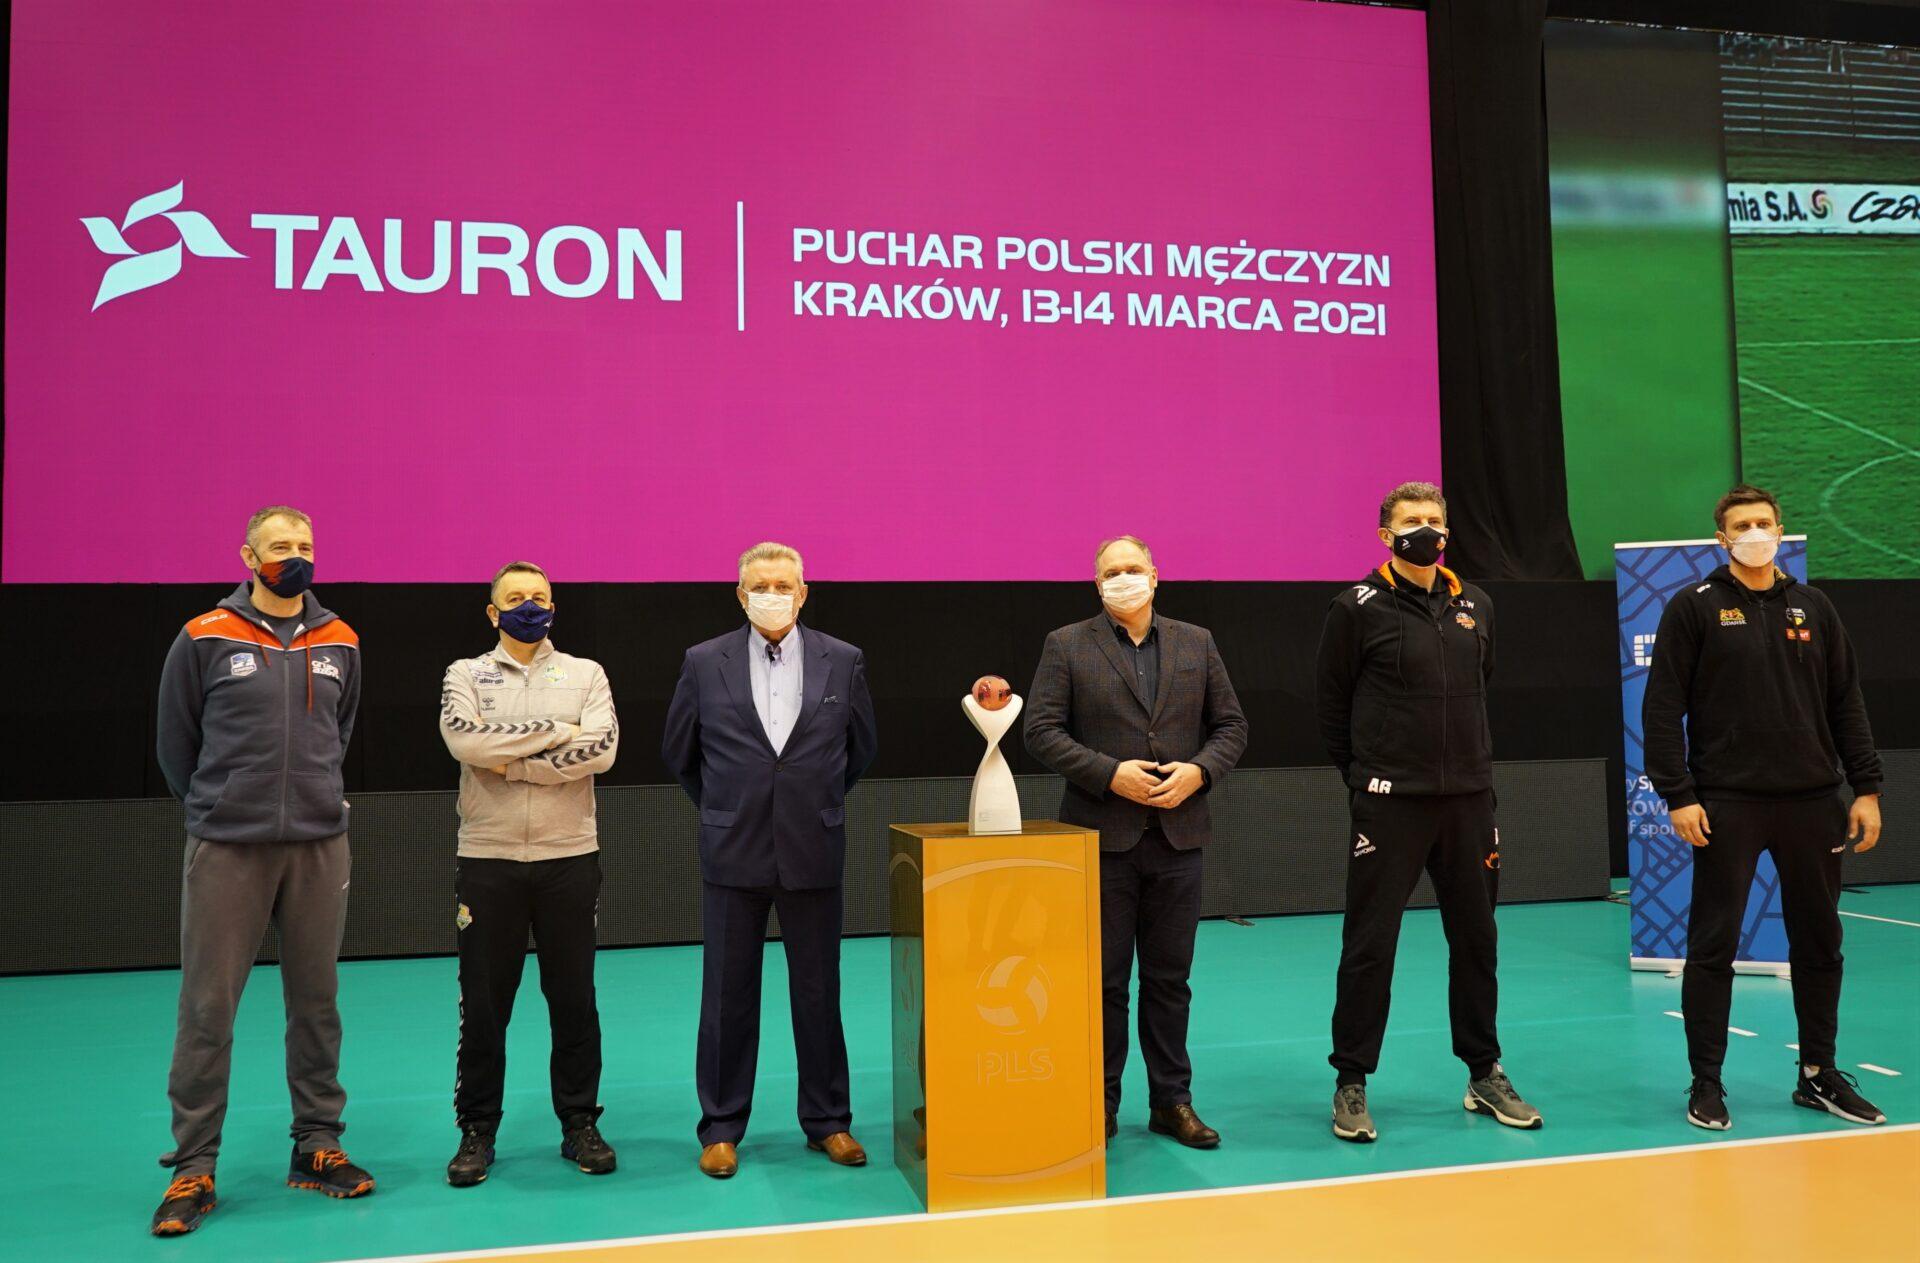 Konferencja prasowa przed TAURON Pucharem Polski 2021